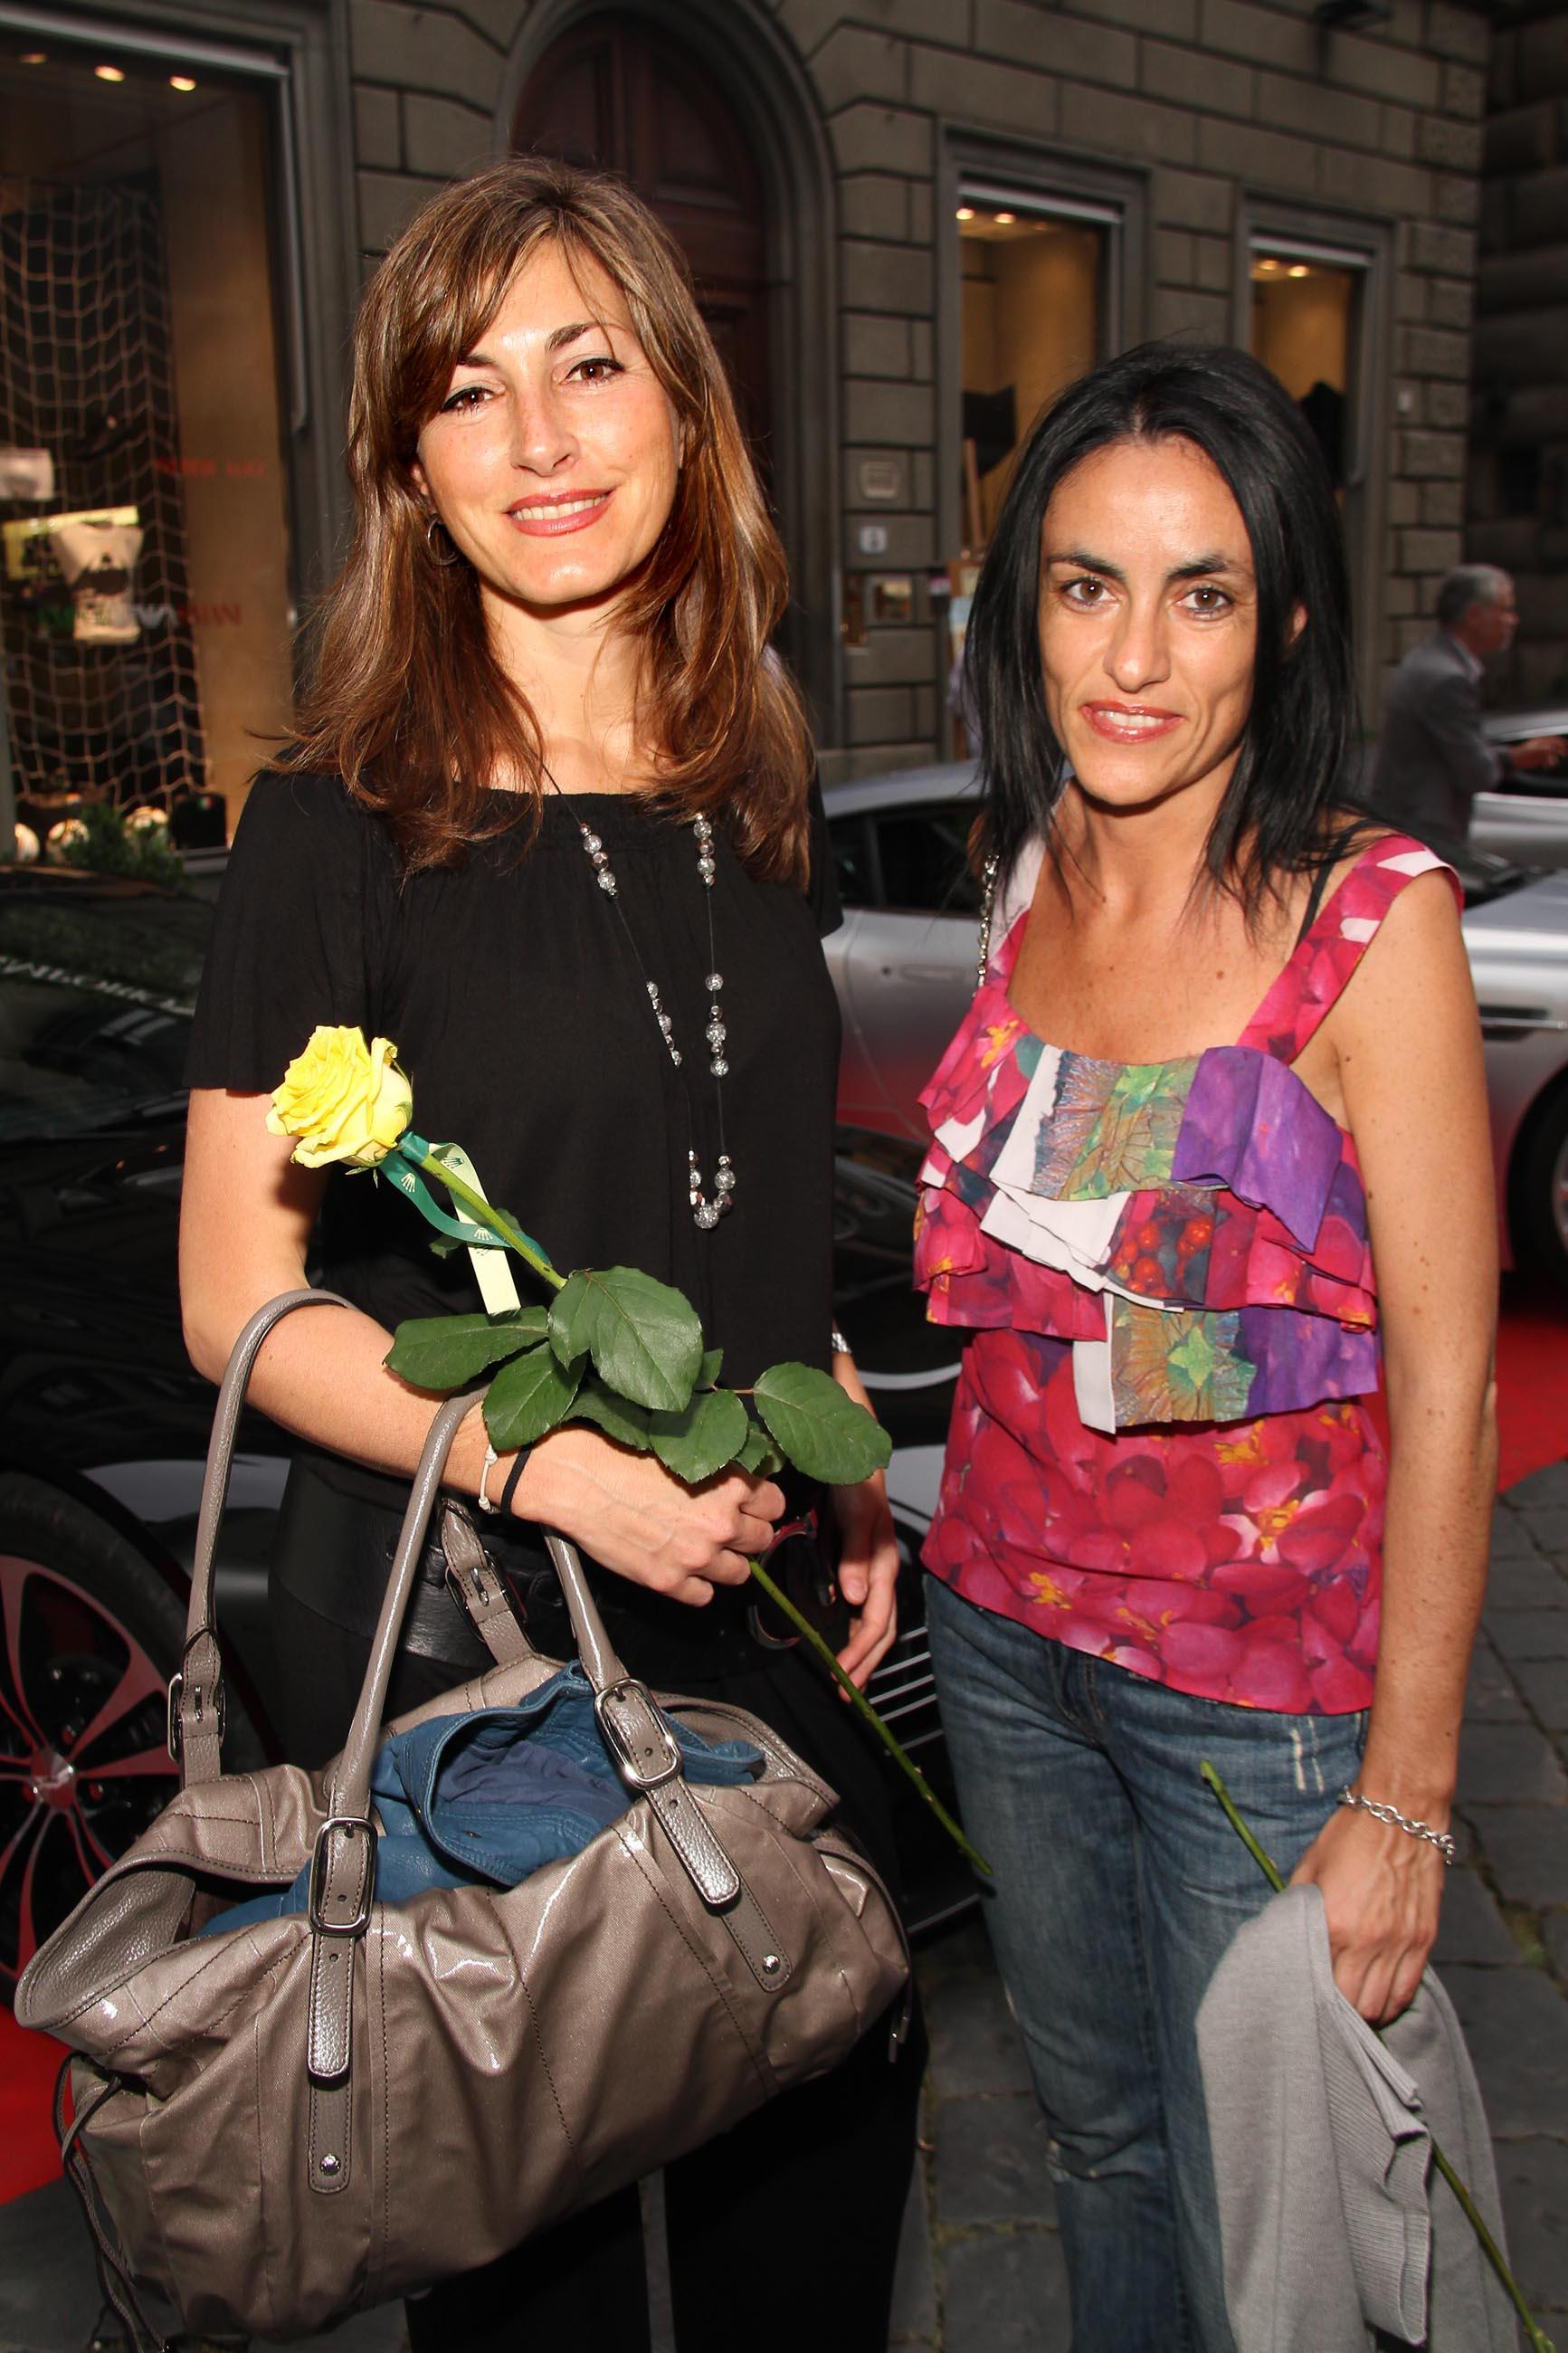 PRESSPHOTO Firenze, Evento Milord Aston Martin. Nella foto Lucia Romagnoli e Angela Deboli